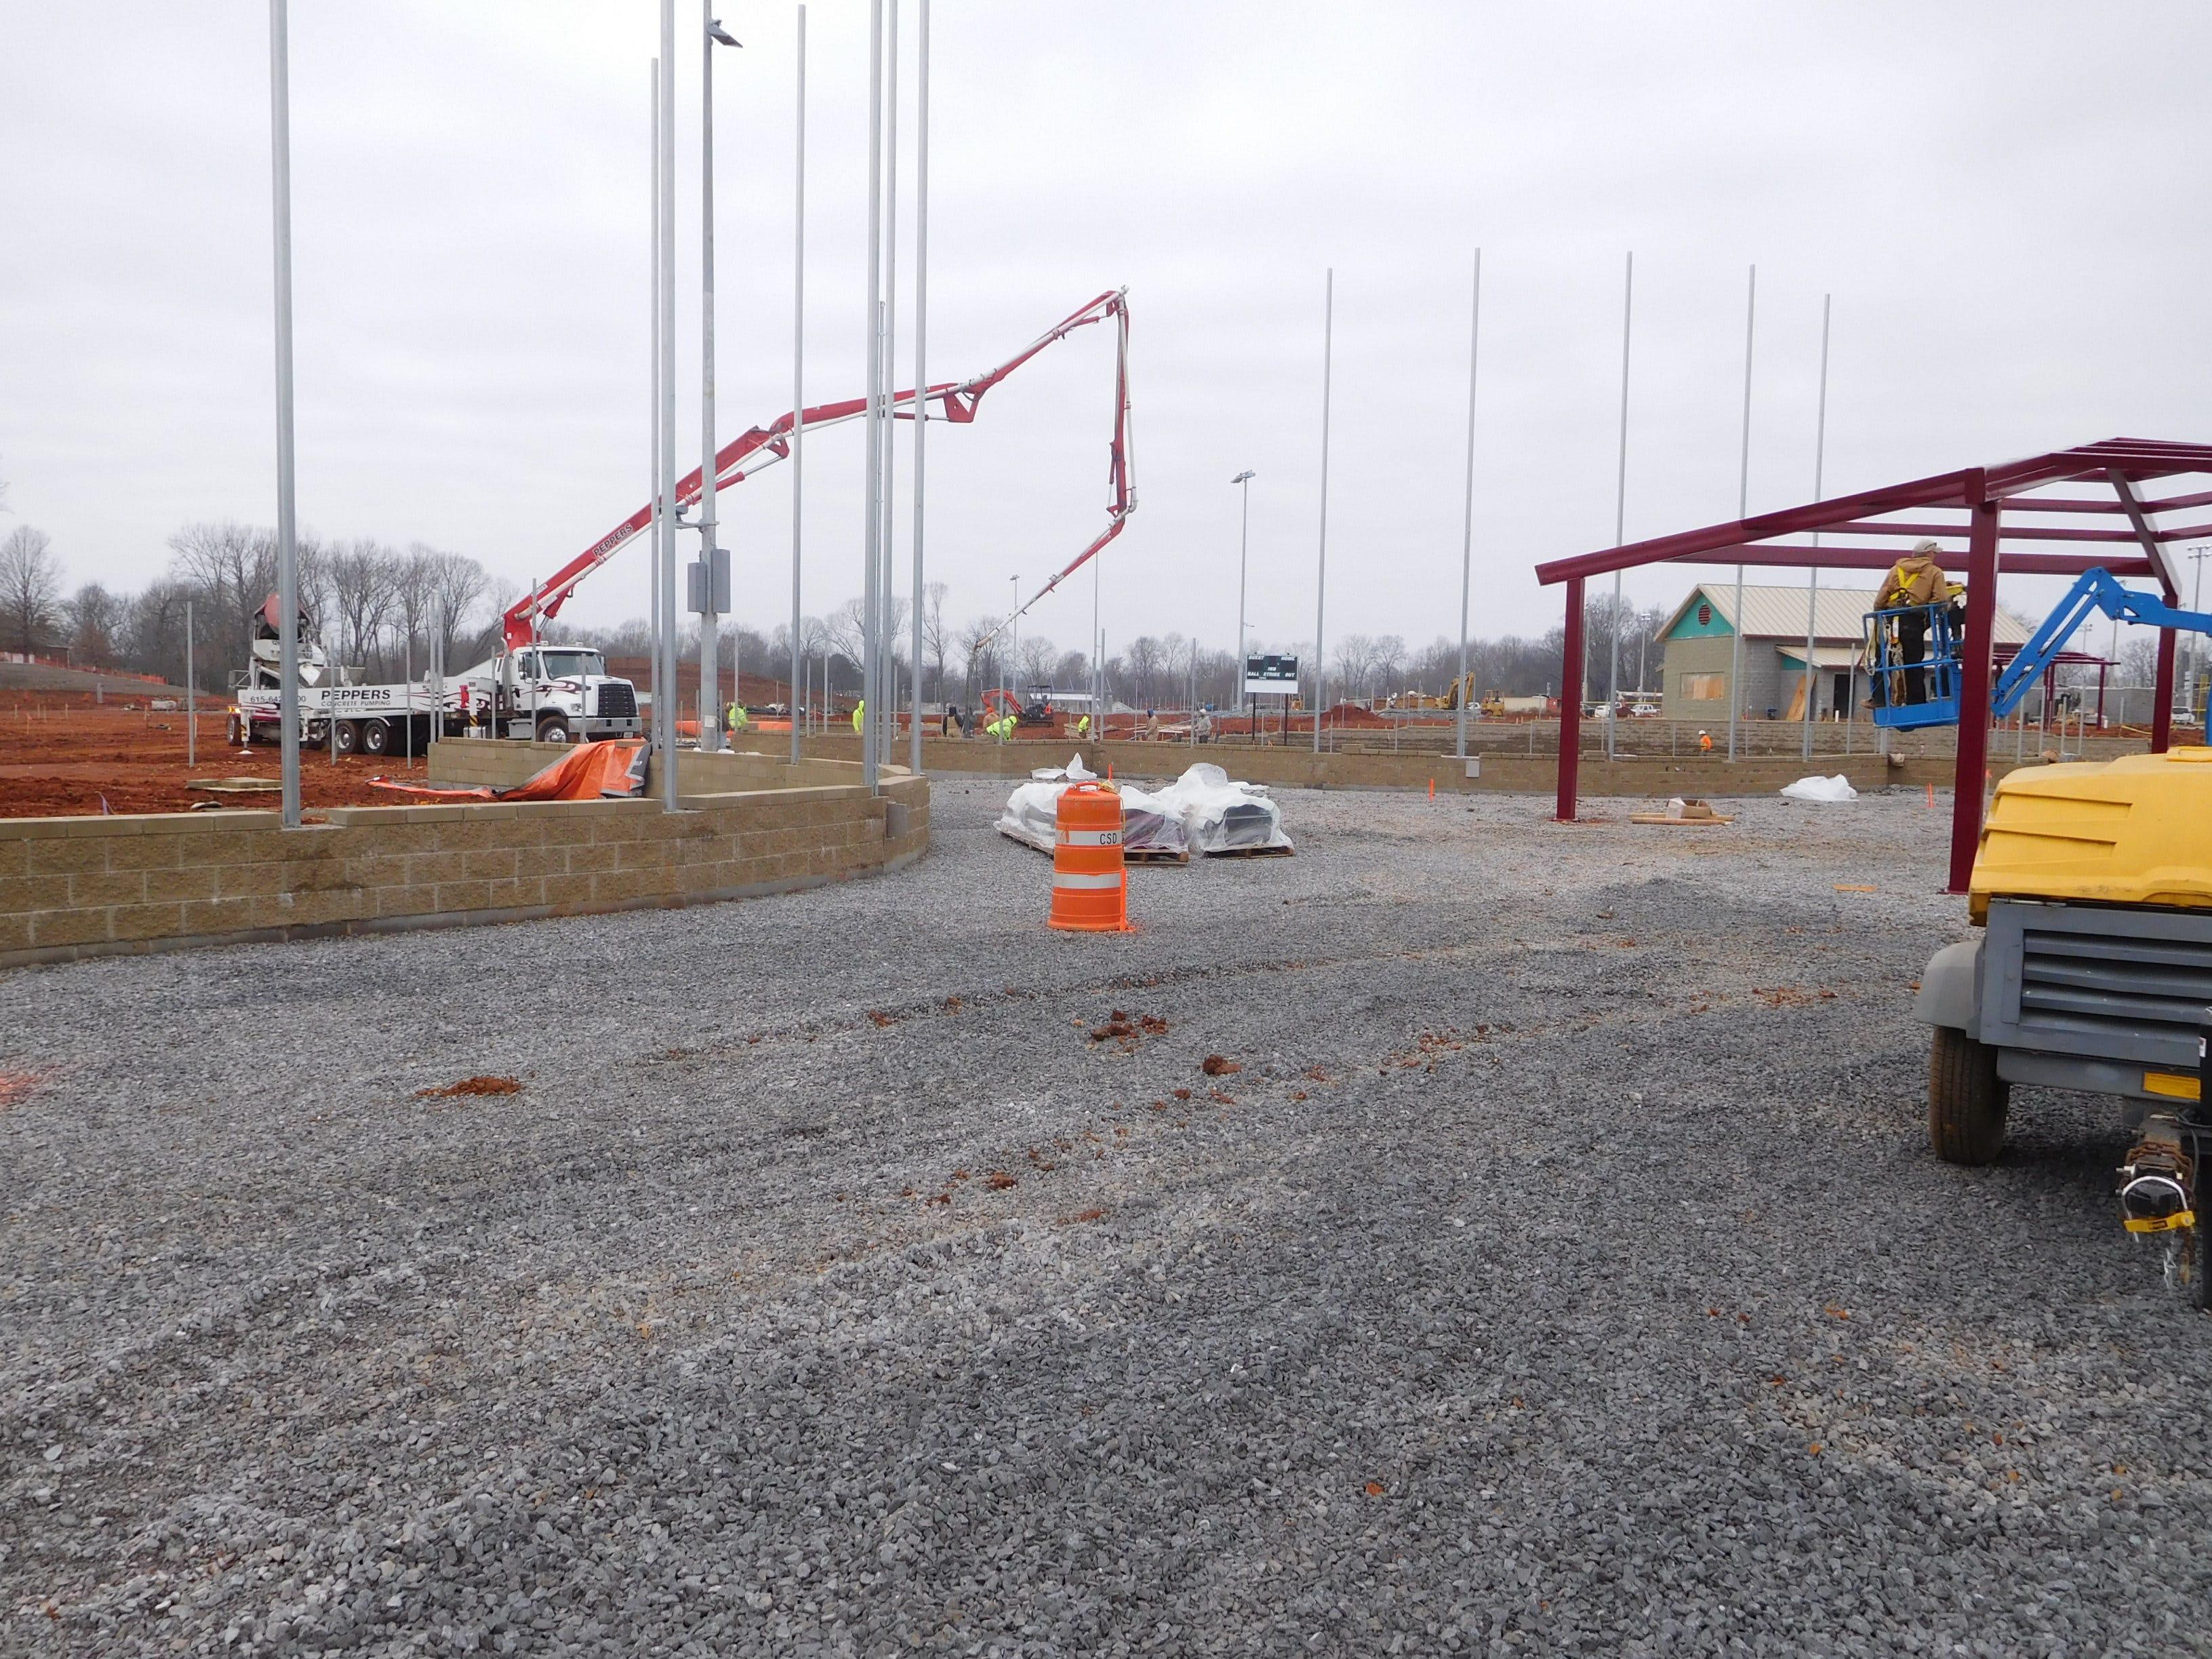 Construction progress continues at Civitan Park